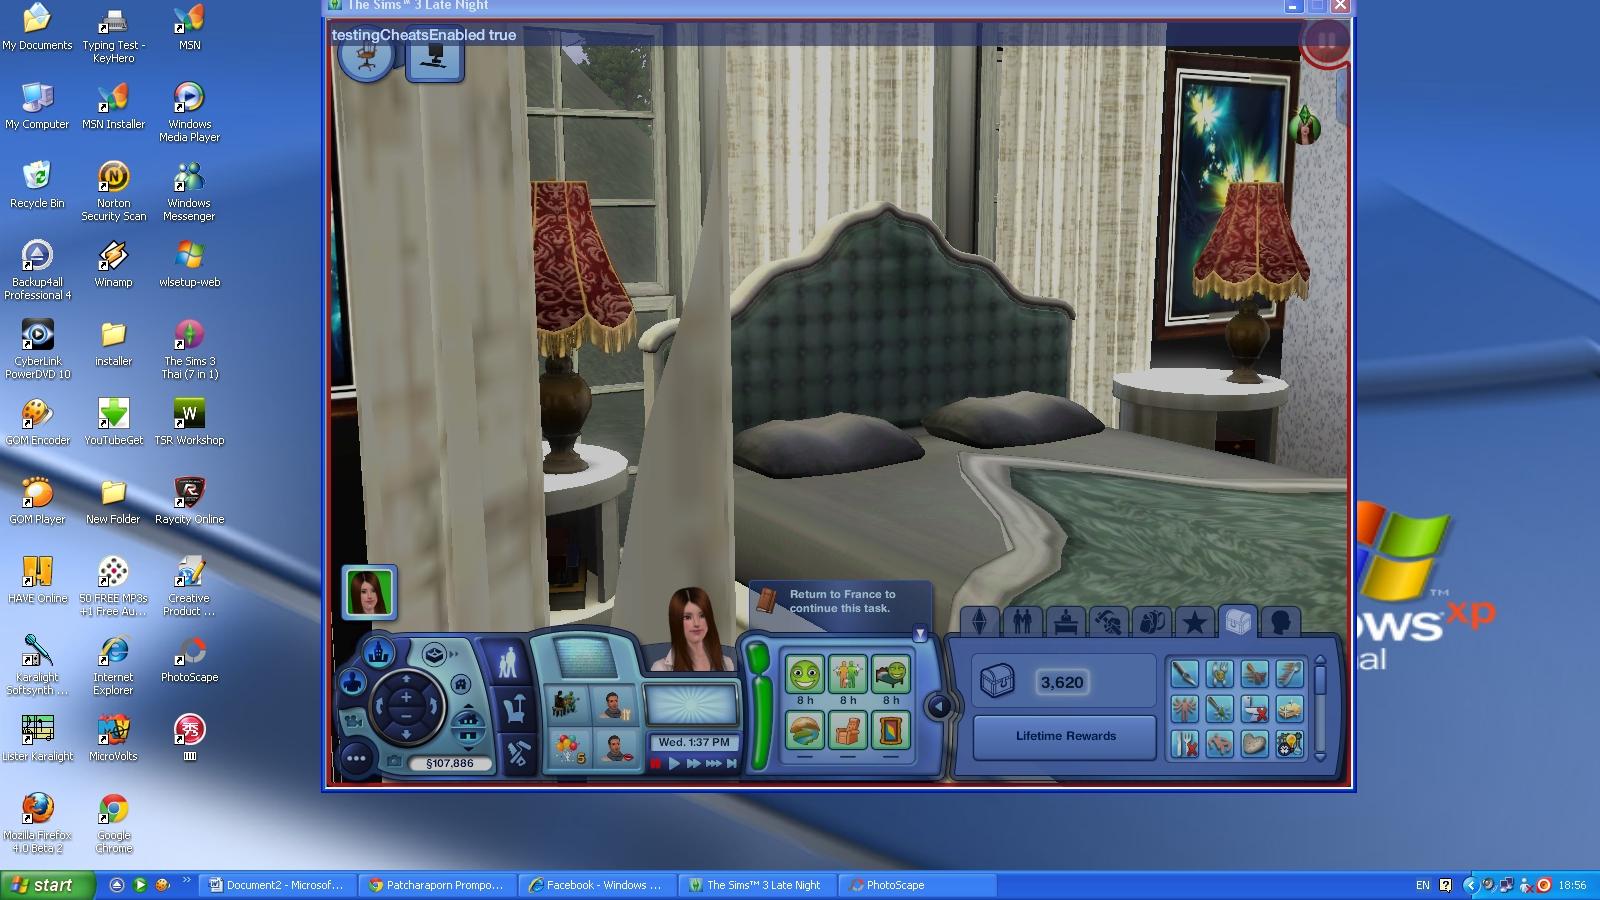 วิธีโกงรางวัลชีวิต The Sims 3